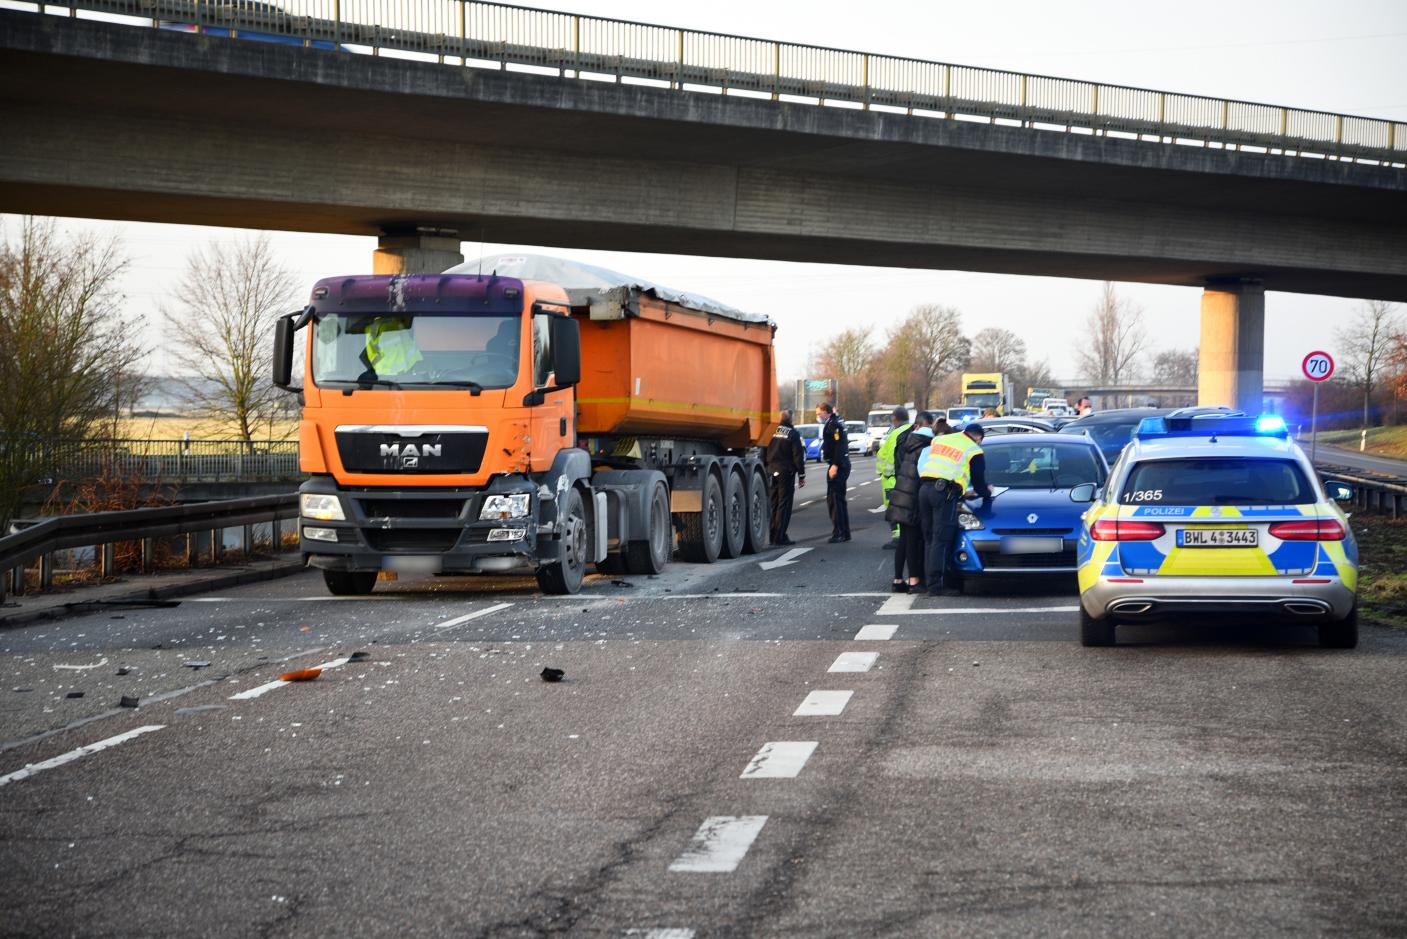 Heidelberg: B535 nach Unfall zwischen Lkw und 3 Pkw vorübergehend gesperrt gewesen.